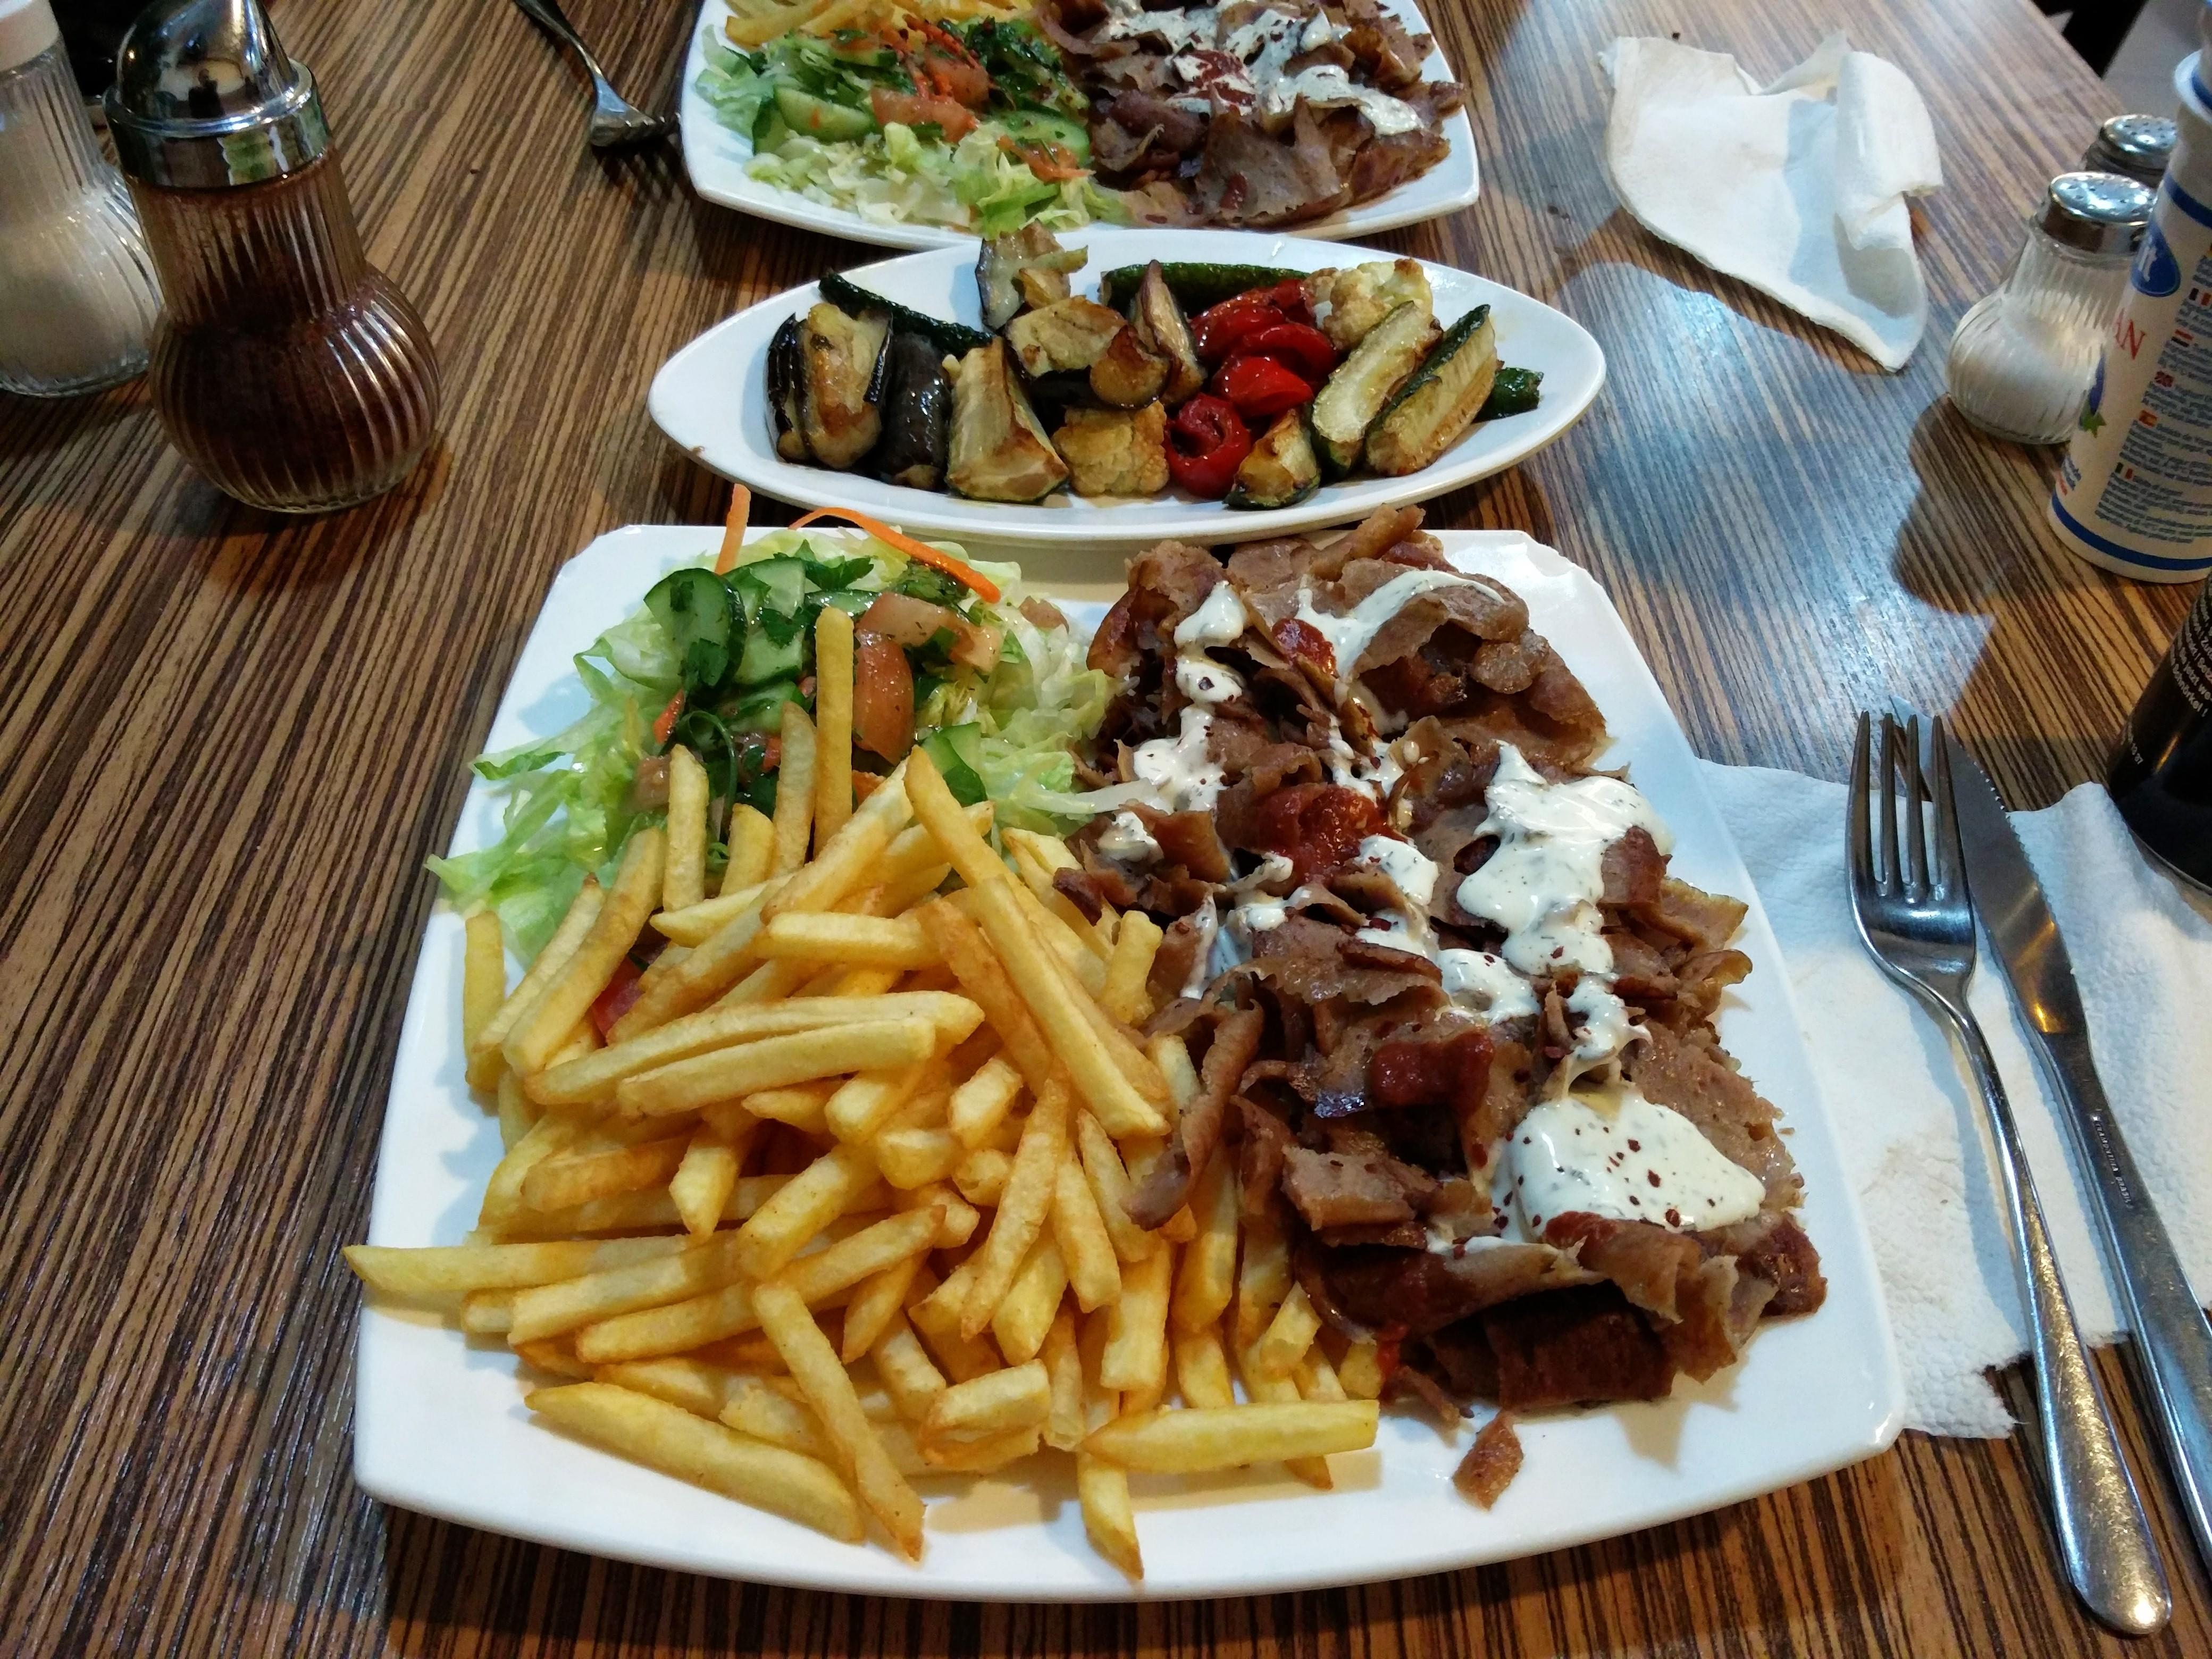 http://foodloader.net/nico_2015-11-09_doenerteller-mit-pommes-und-grillgemuese.jpg